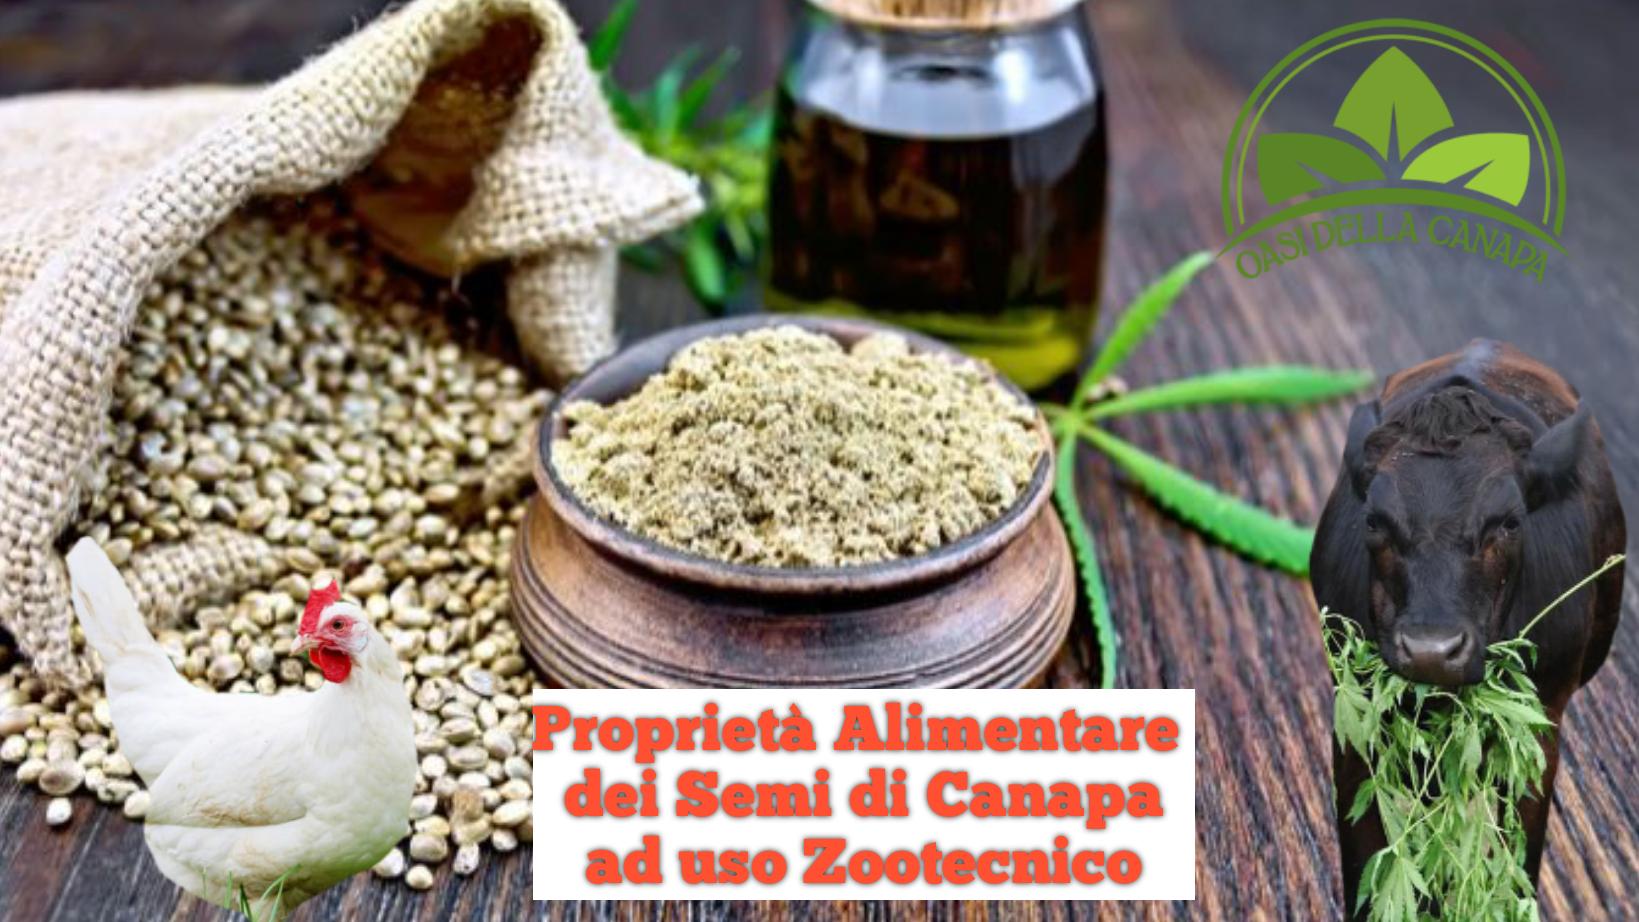 Proprietà Alimentare dei Semi di Canapa ad Uso Zootecnico